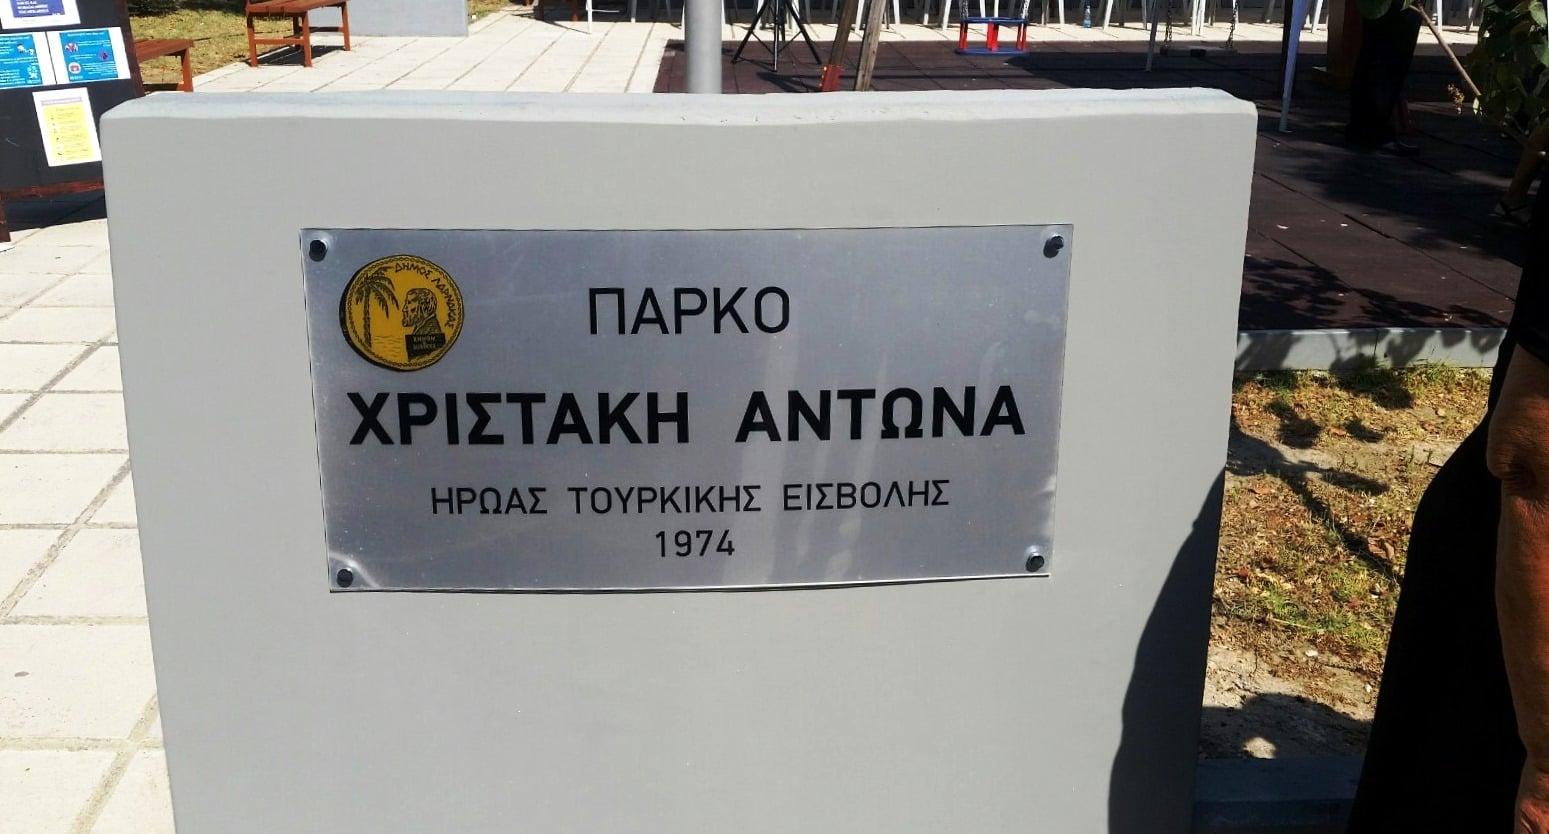 Έγιναν τα αποκαλυπτήρια της ονομασίας του πάρκου Χριστάκη Βάσου Άντωνα στη Λάρνακα (φώτο)